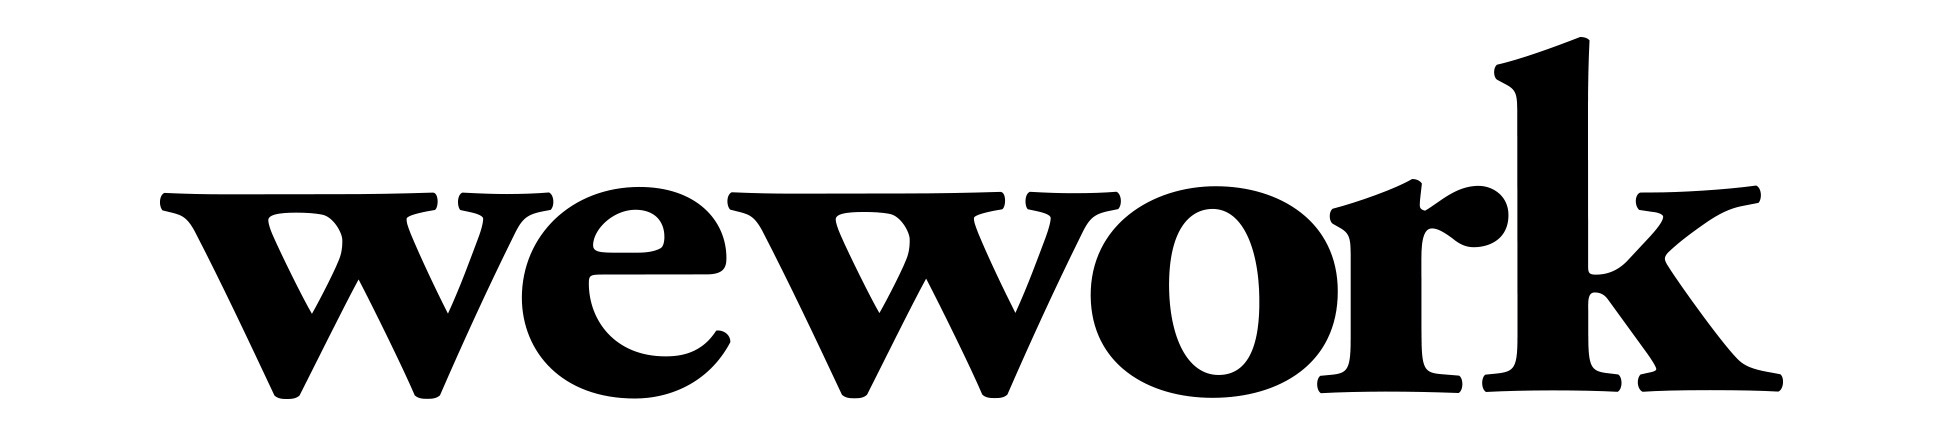 3090090_WeWork-Logo_(3).jpg